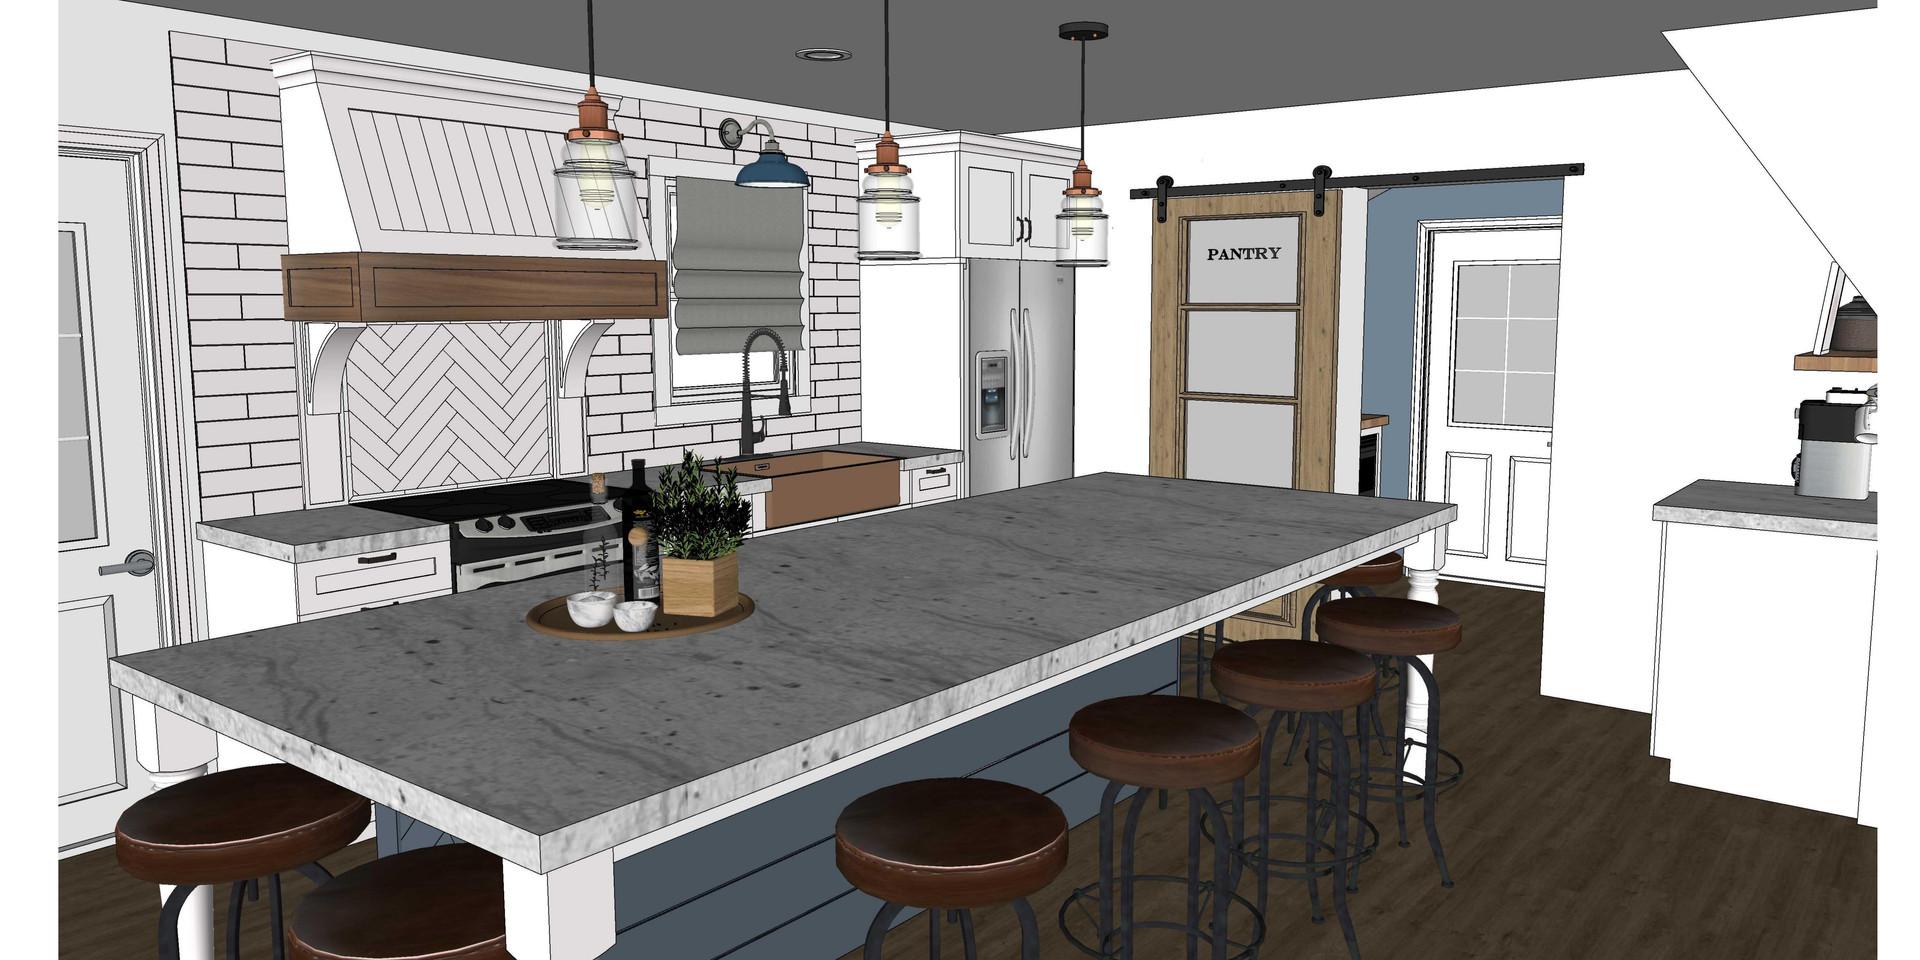 Nutter-Libby Kitchen Plans-2.jpg